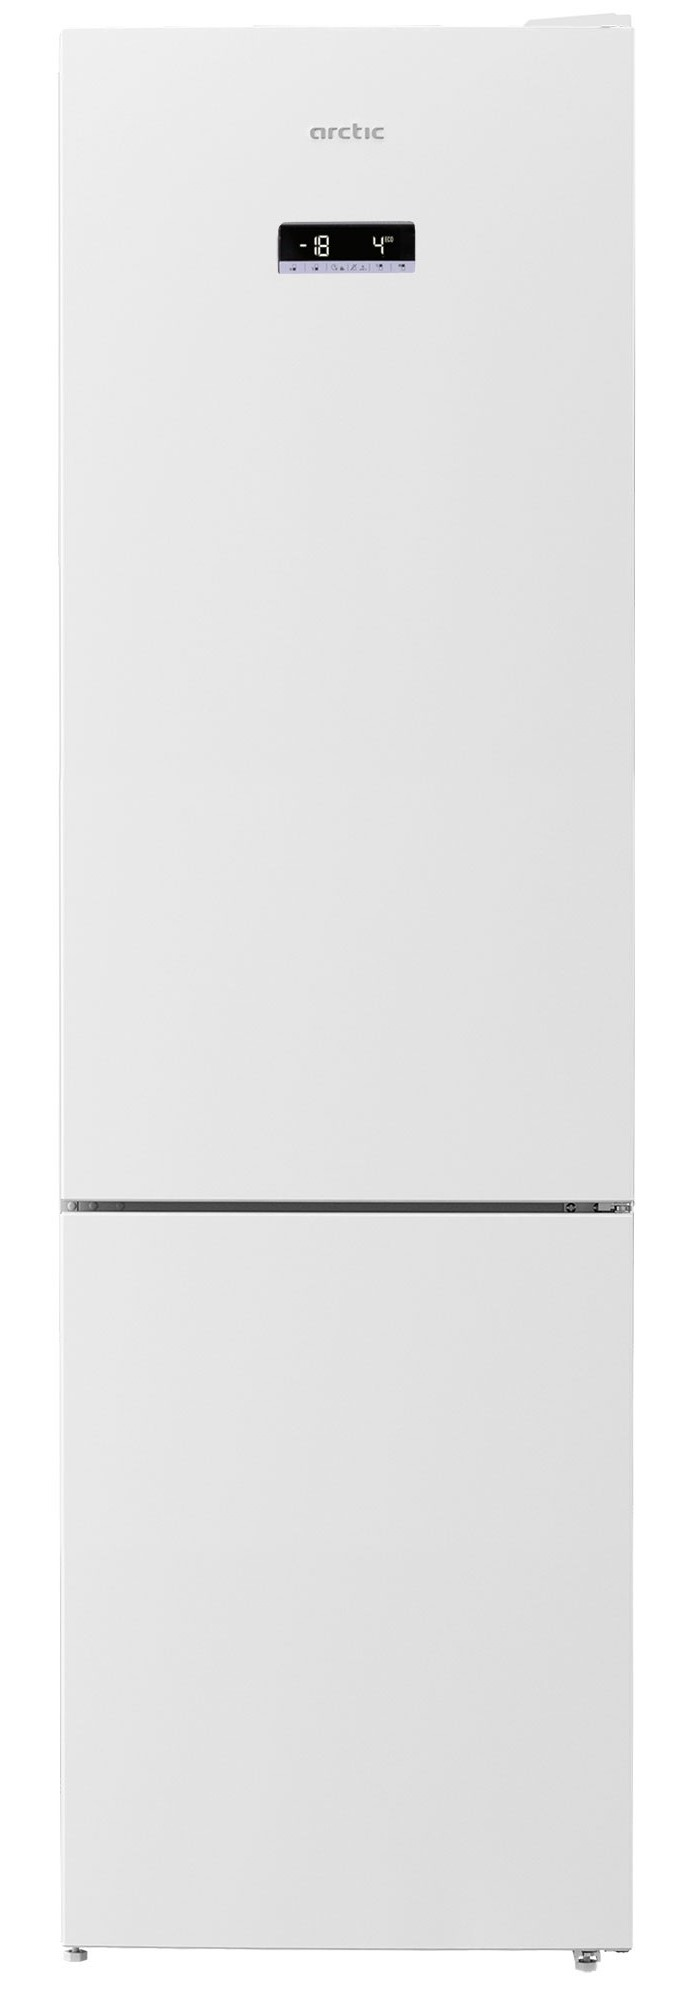 Combina frigorifica Arctic AK60406E40NFW, 362 L, Full No Frost, Alb, E